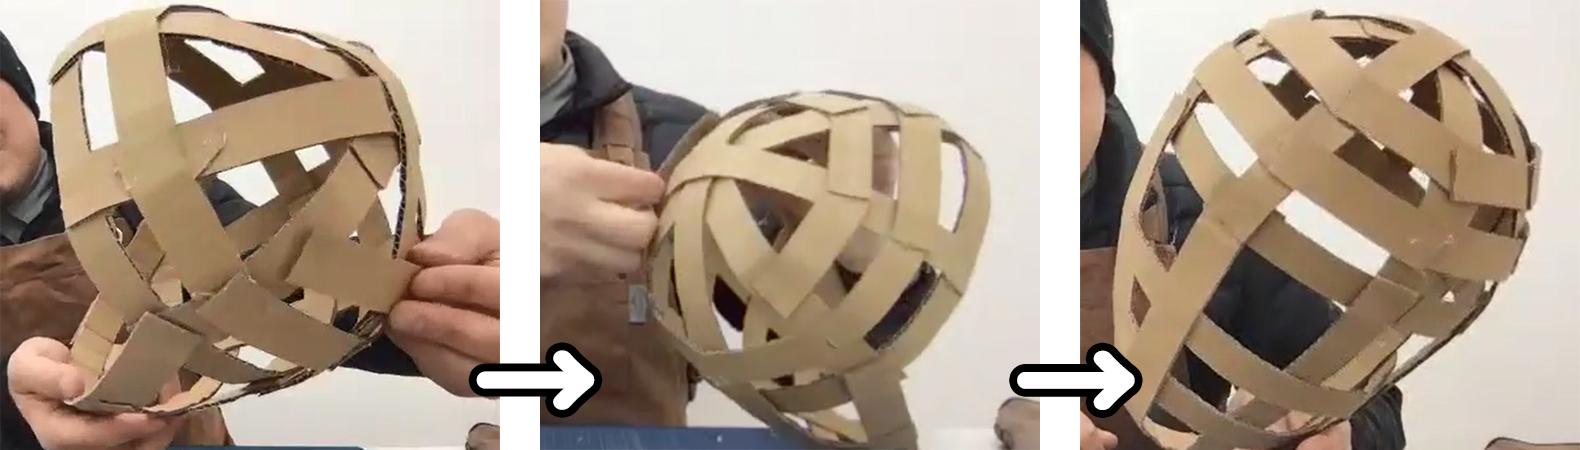 家にあるダンボールを使って、子供と一緒にダンボールお面を作ろう